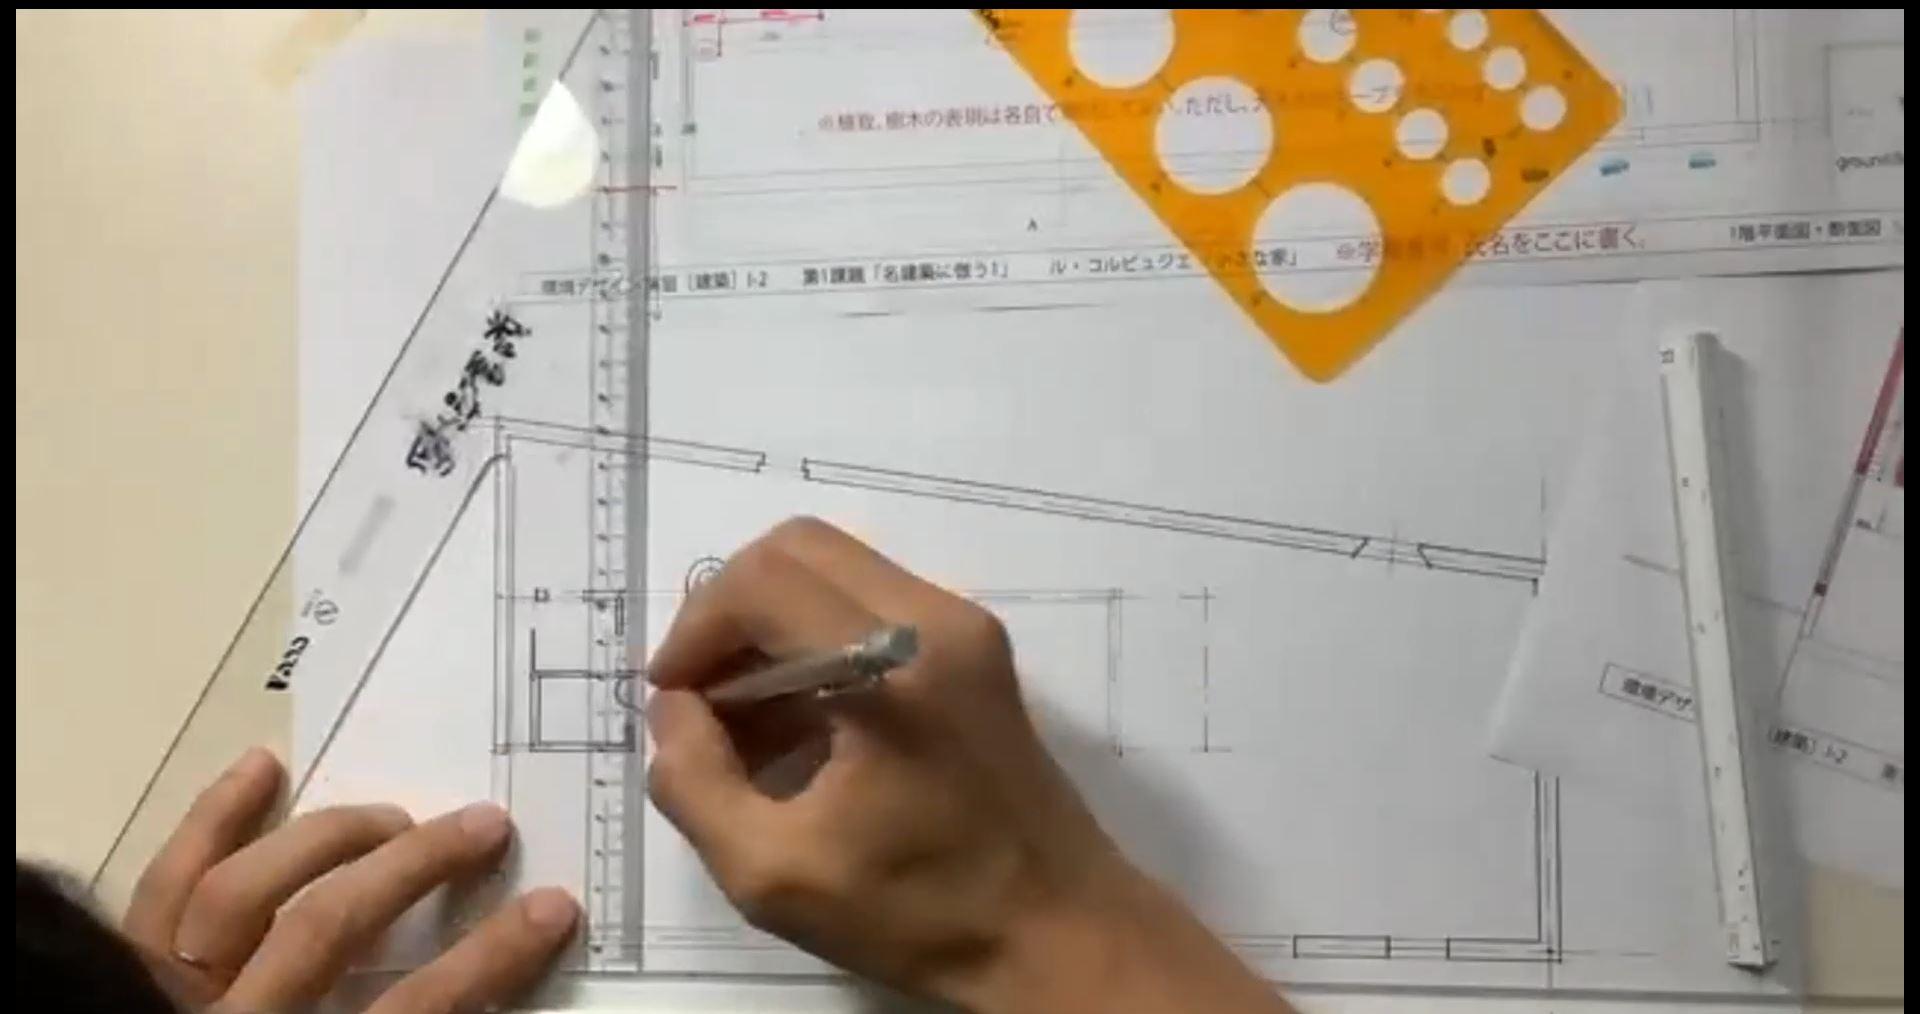 【建築デザインコース】建築の学びはじめ